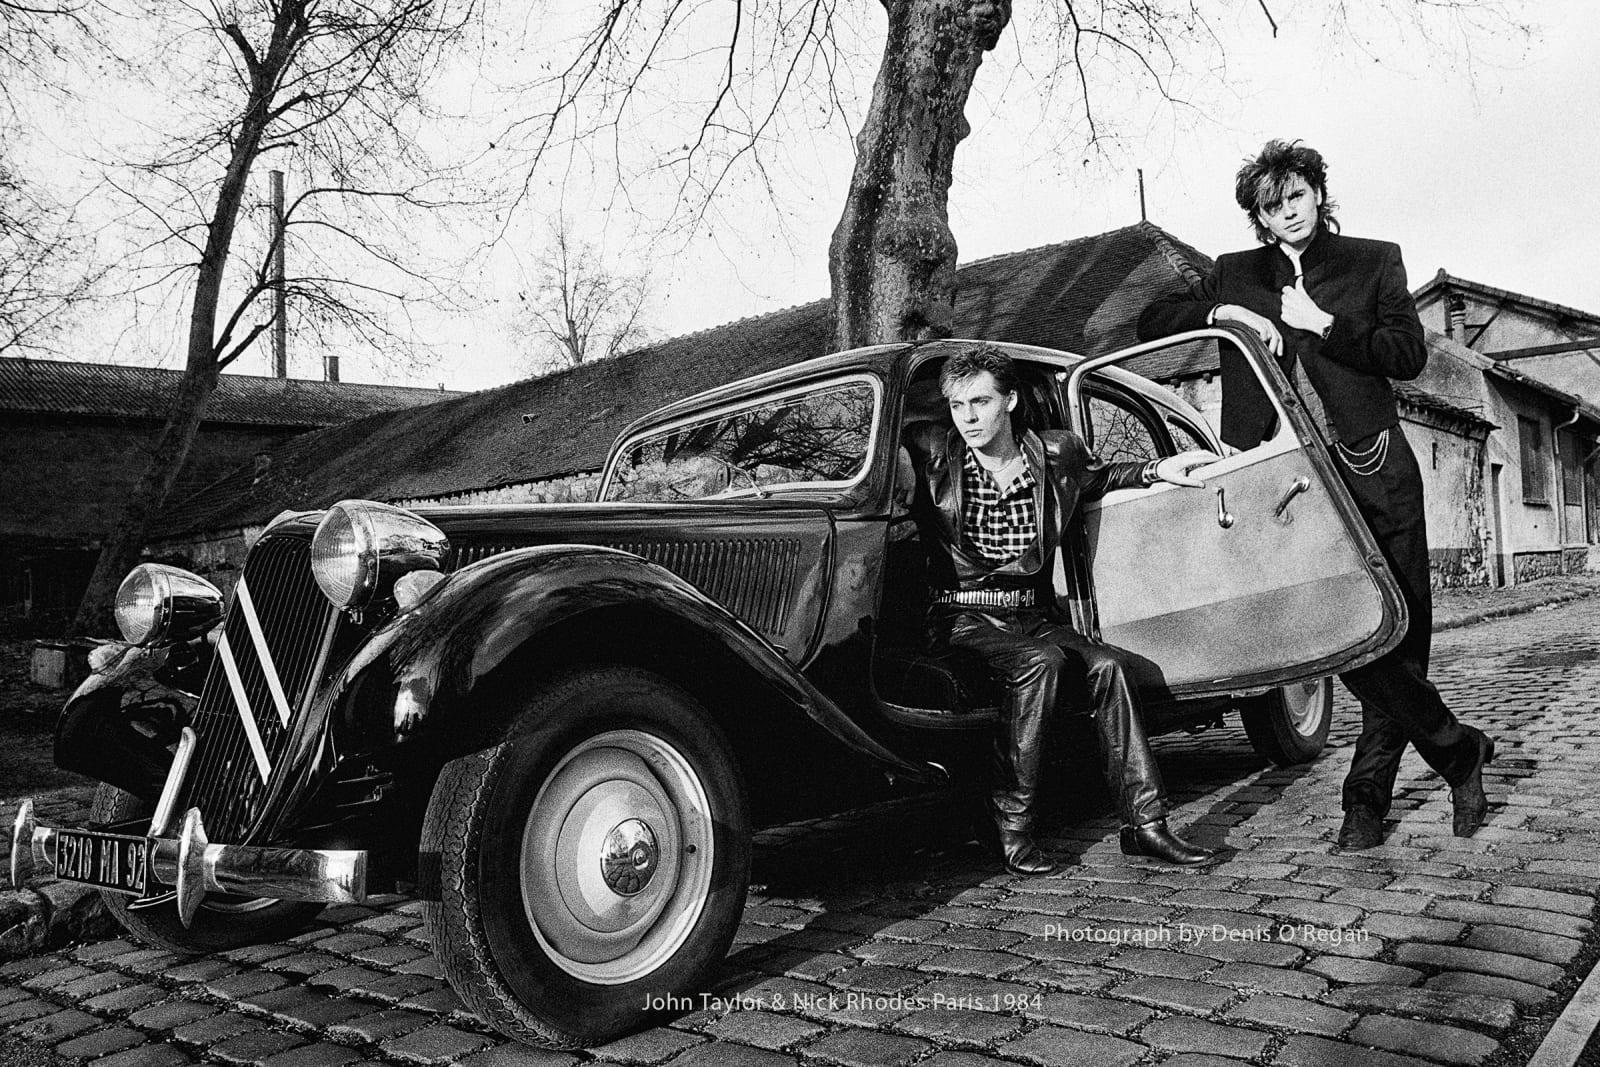 DURAN DURAN, Duran Duran Paris, 1984